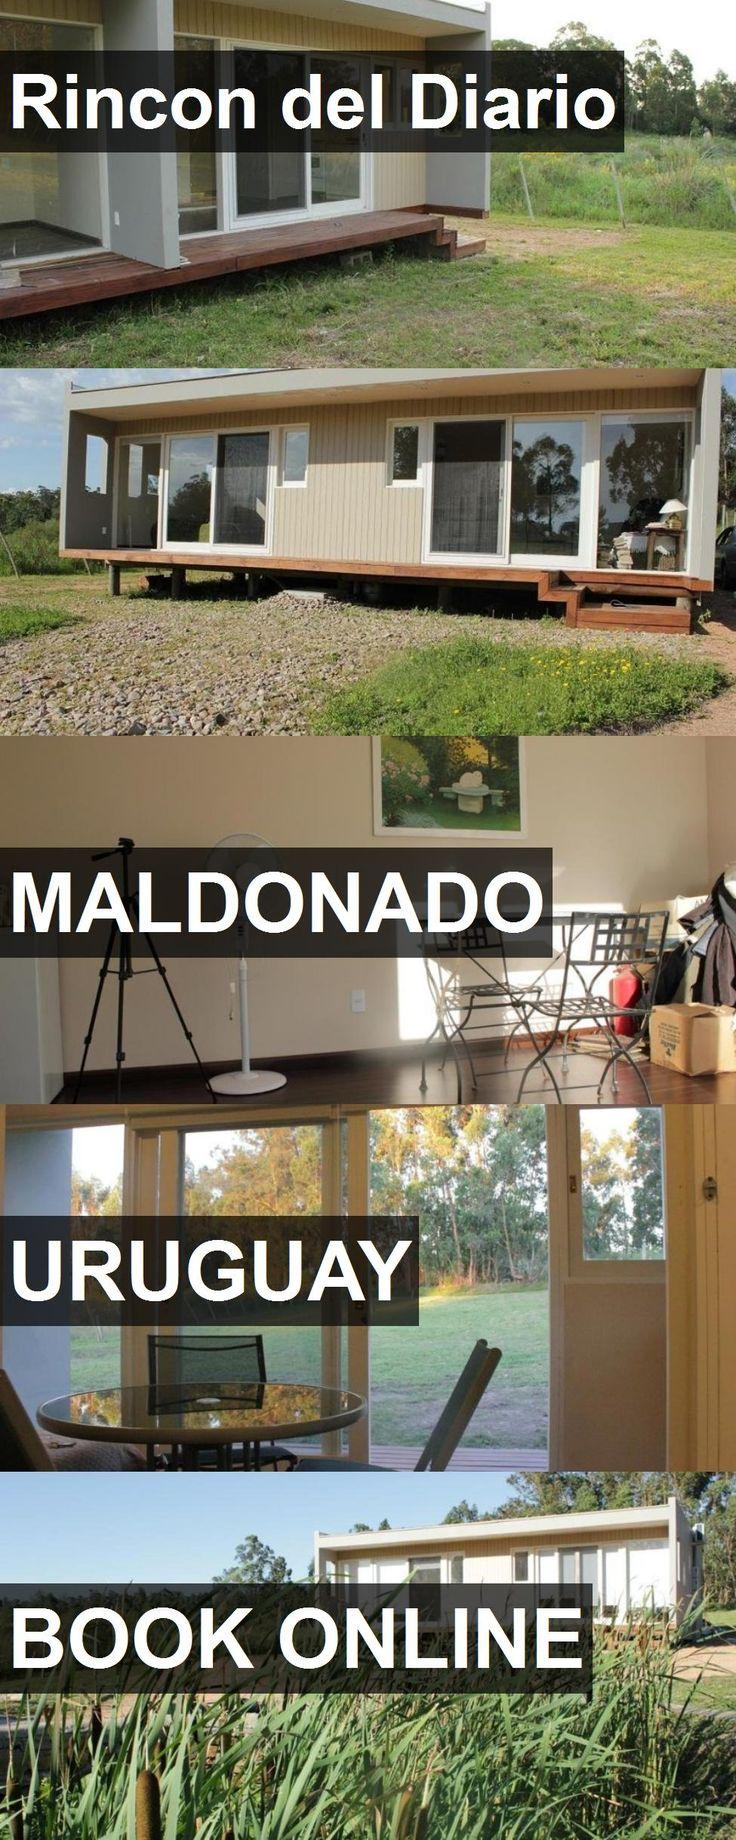 Hotel Rincon del Diario in Maldonado, Uruguay. For more information, photos, reviews and best prices please follow the link. #Uruguay #Maldonado #travel #vacation #hotel